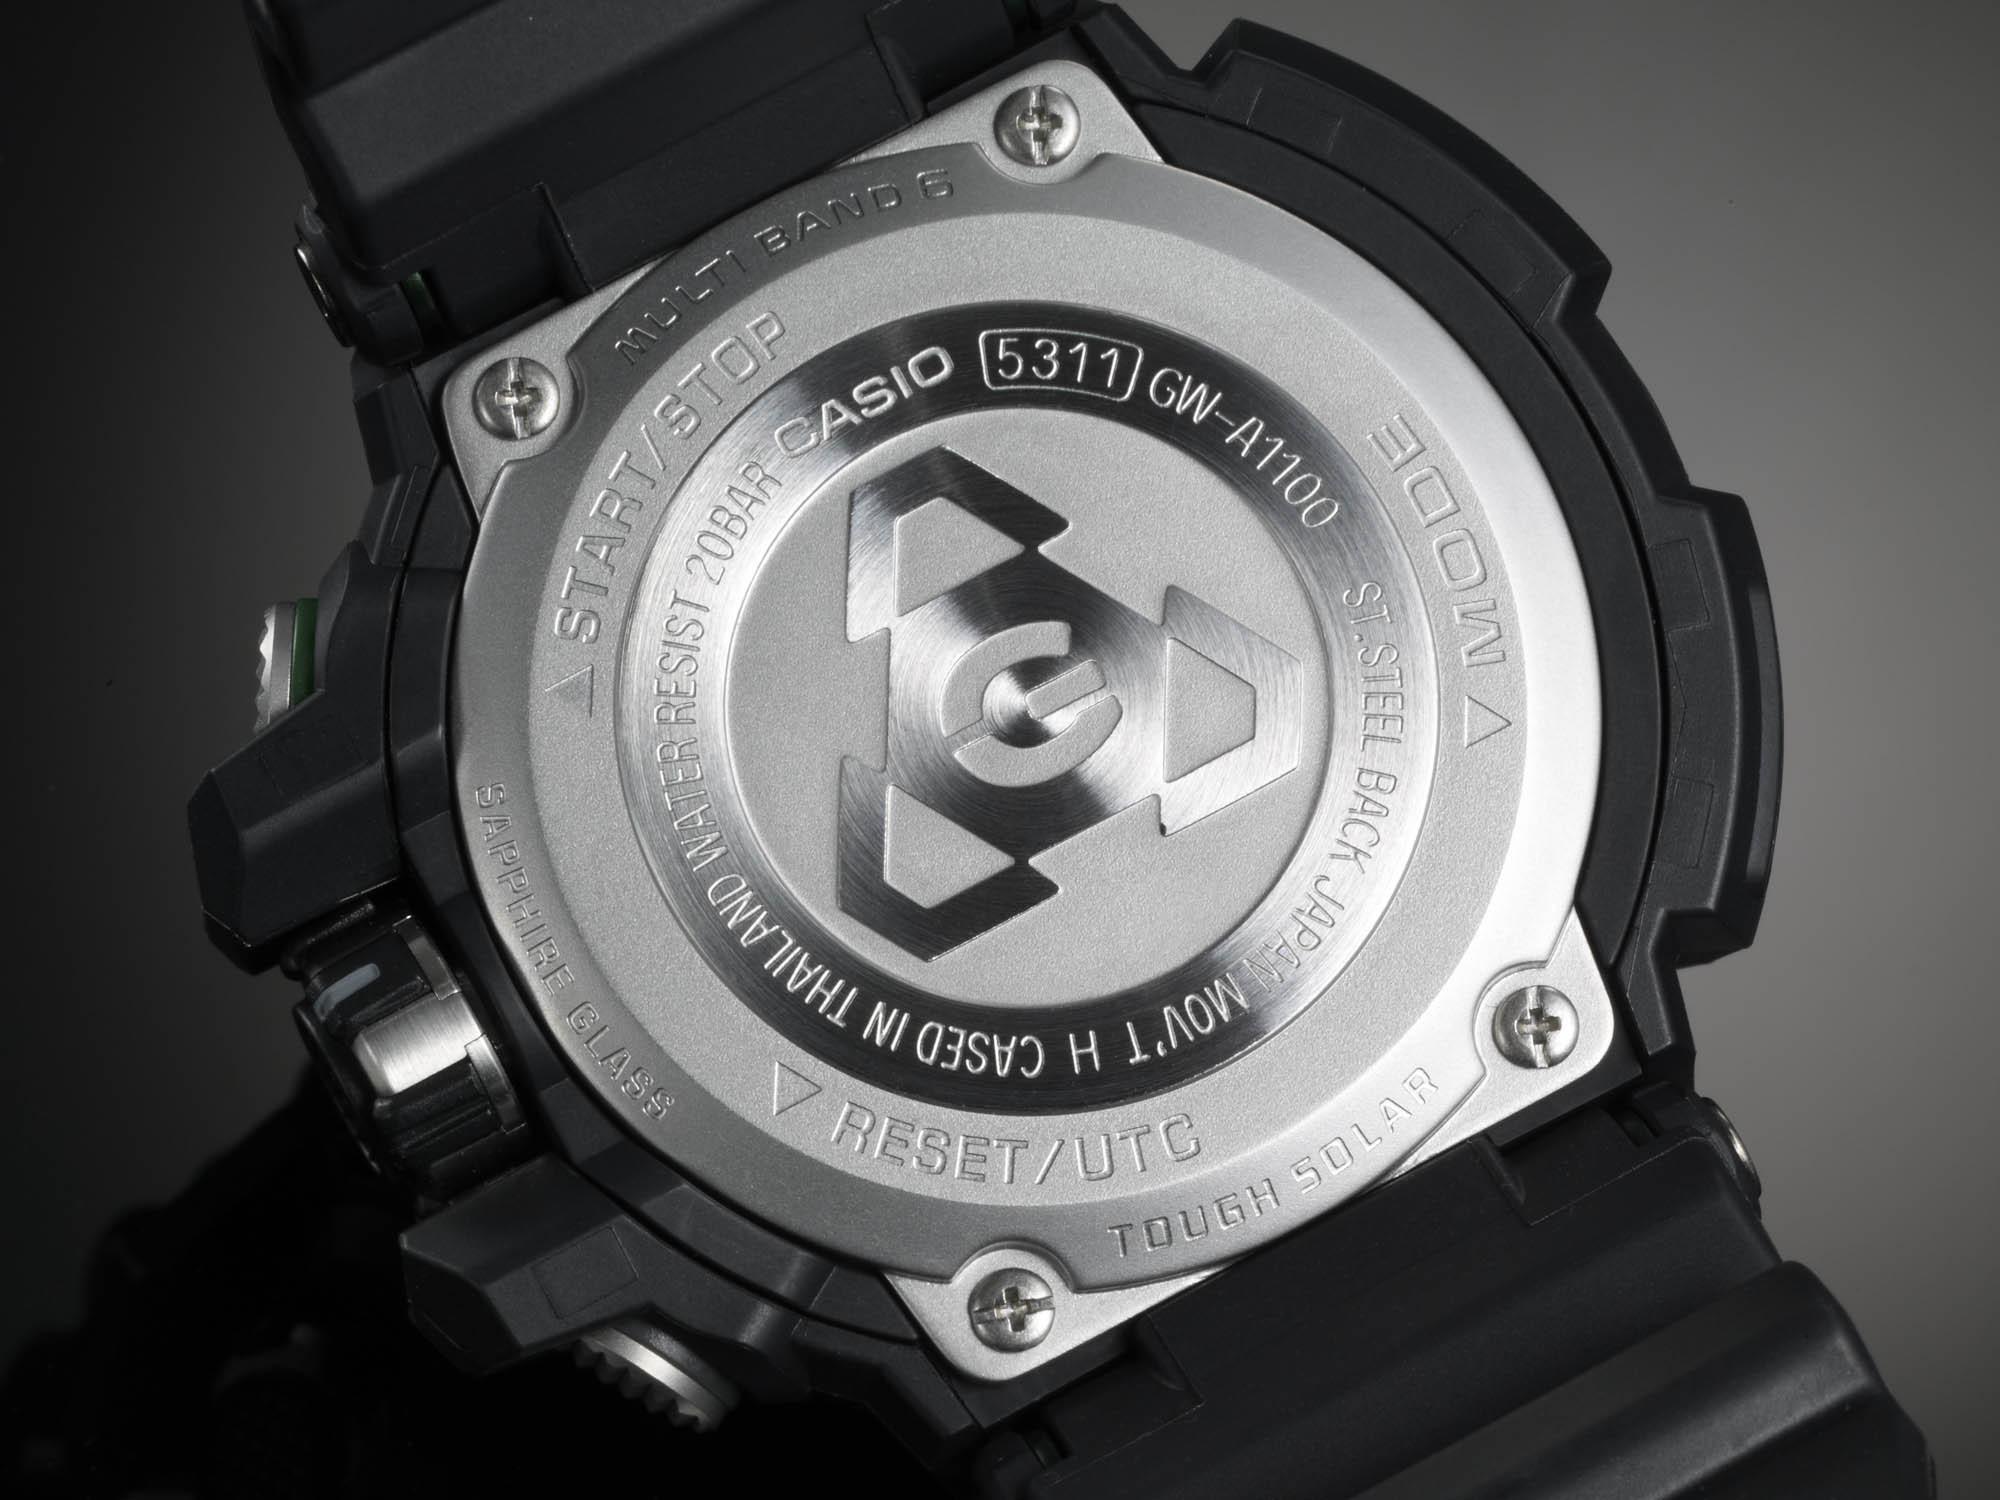 изображение часы casio g shock gw a1100 мужчинам помогает